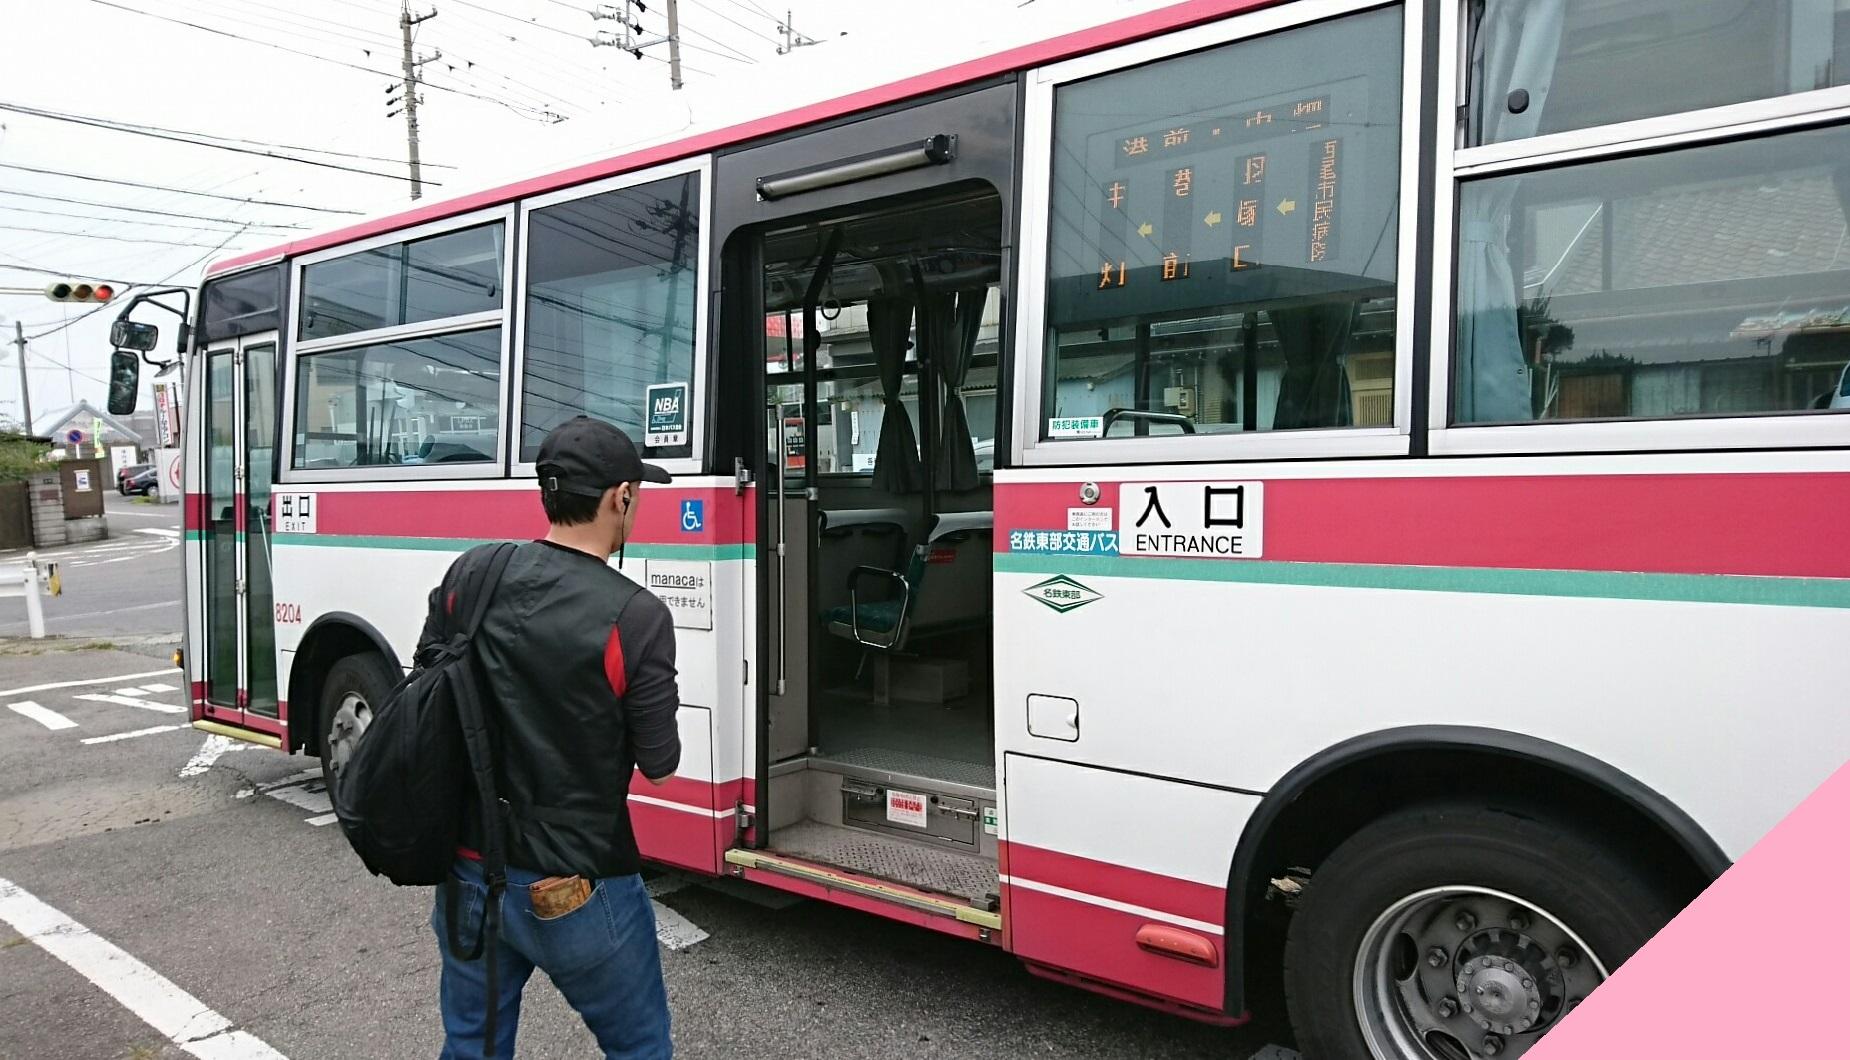 2017.9.27 平坂 (64) 港前バス停 - 平坂・中畑線バス 1850-1060